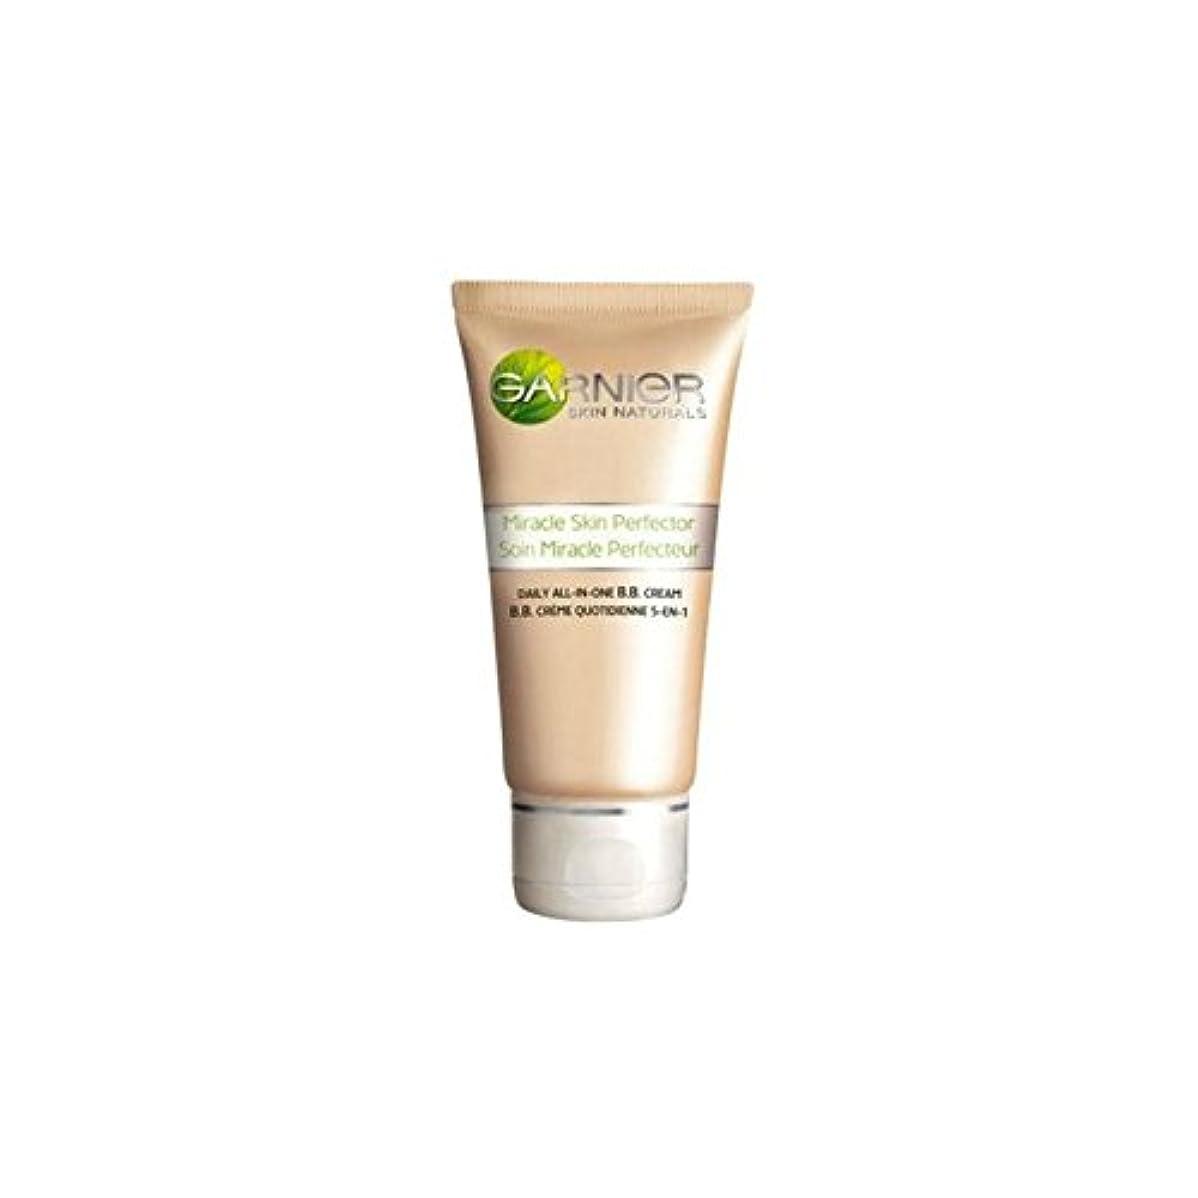 ブーム主観的アジアガルニエオリジナル媒体クリーム(50)中 x2 - Garnier Original Medium Bb Cream (50ml) (Pack of 2) [並行輸入品]